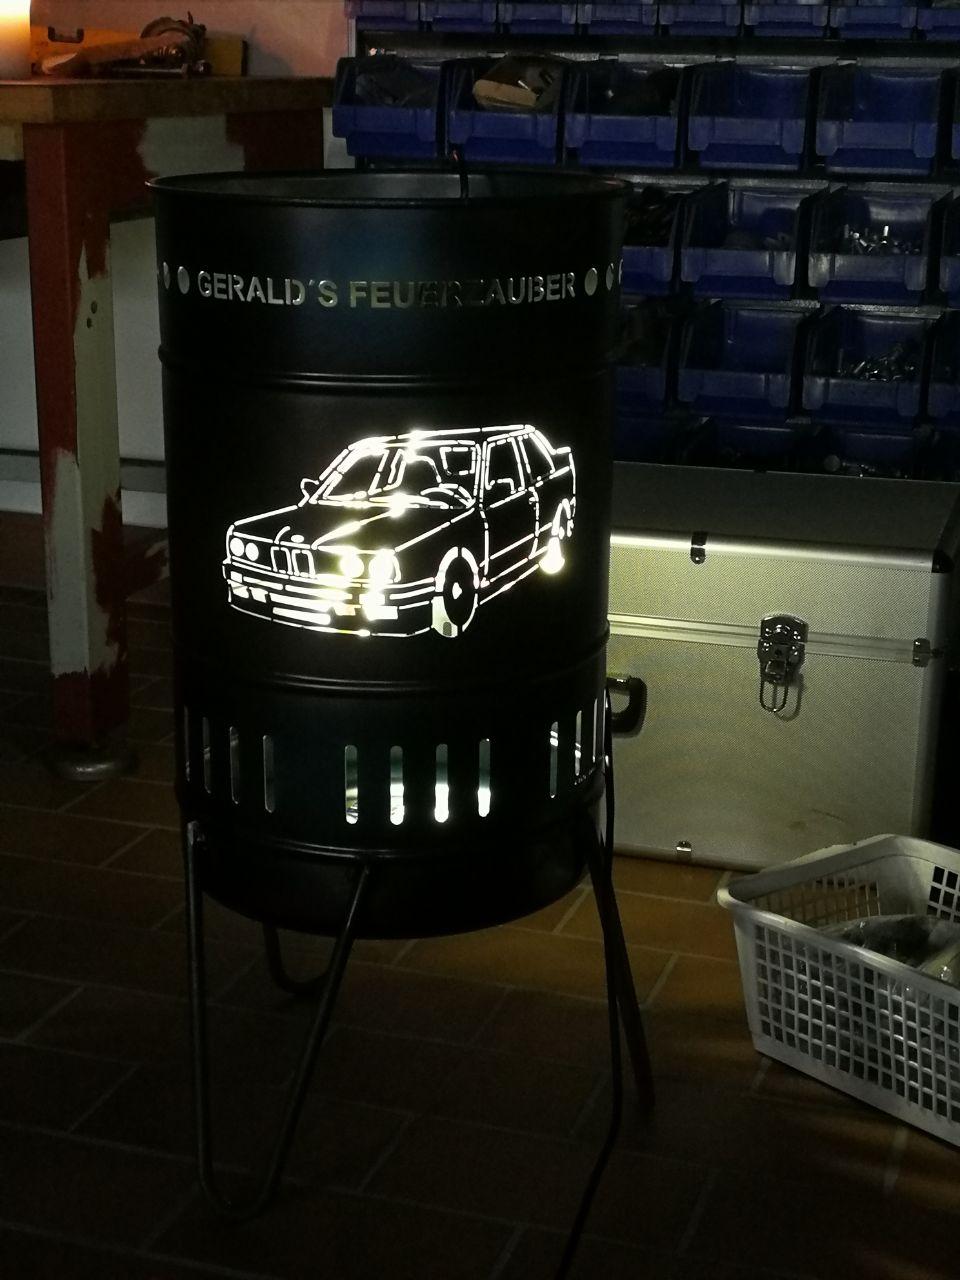 Stahlbude Feuerkorb Auto BMW